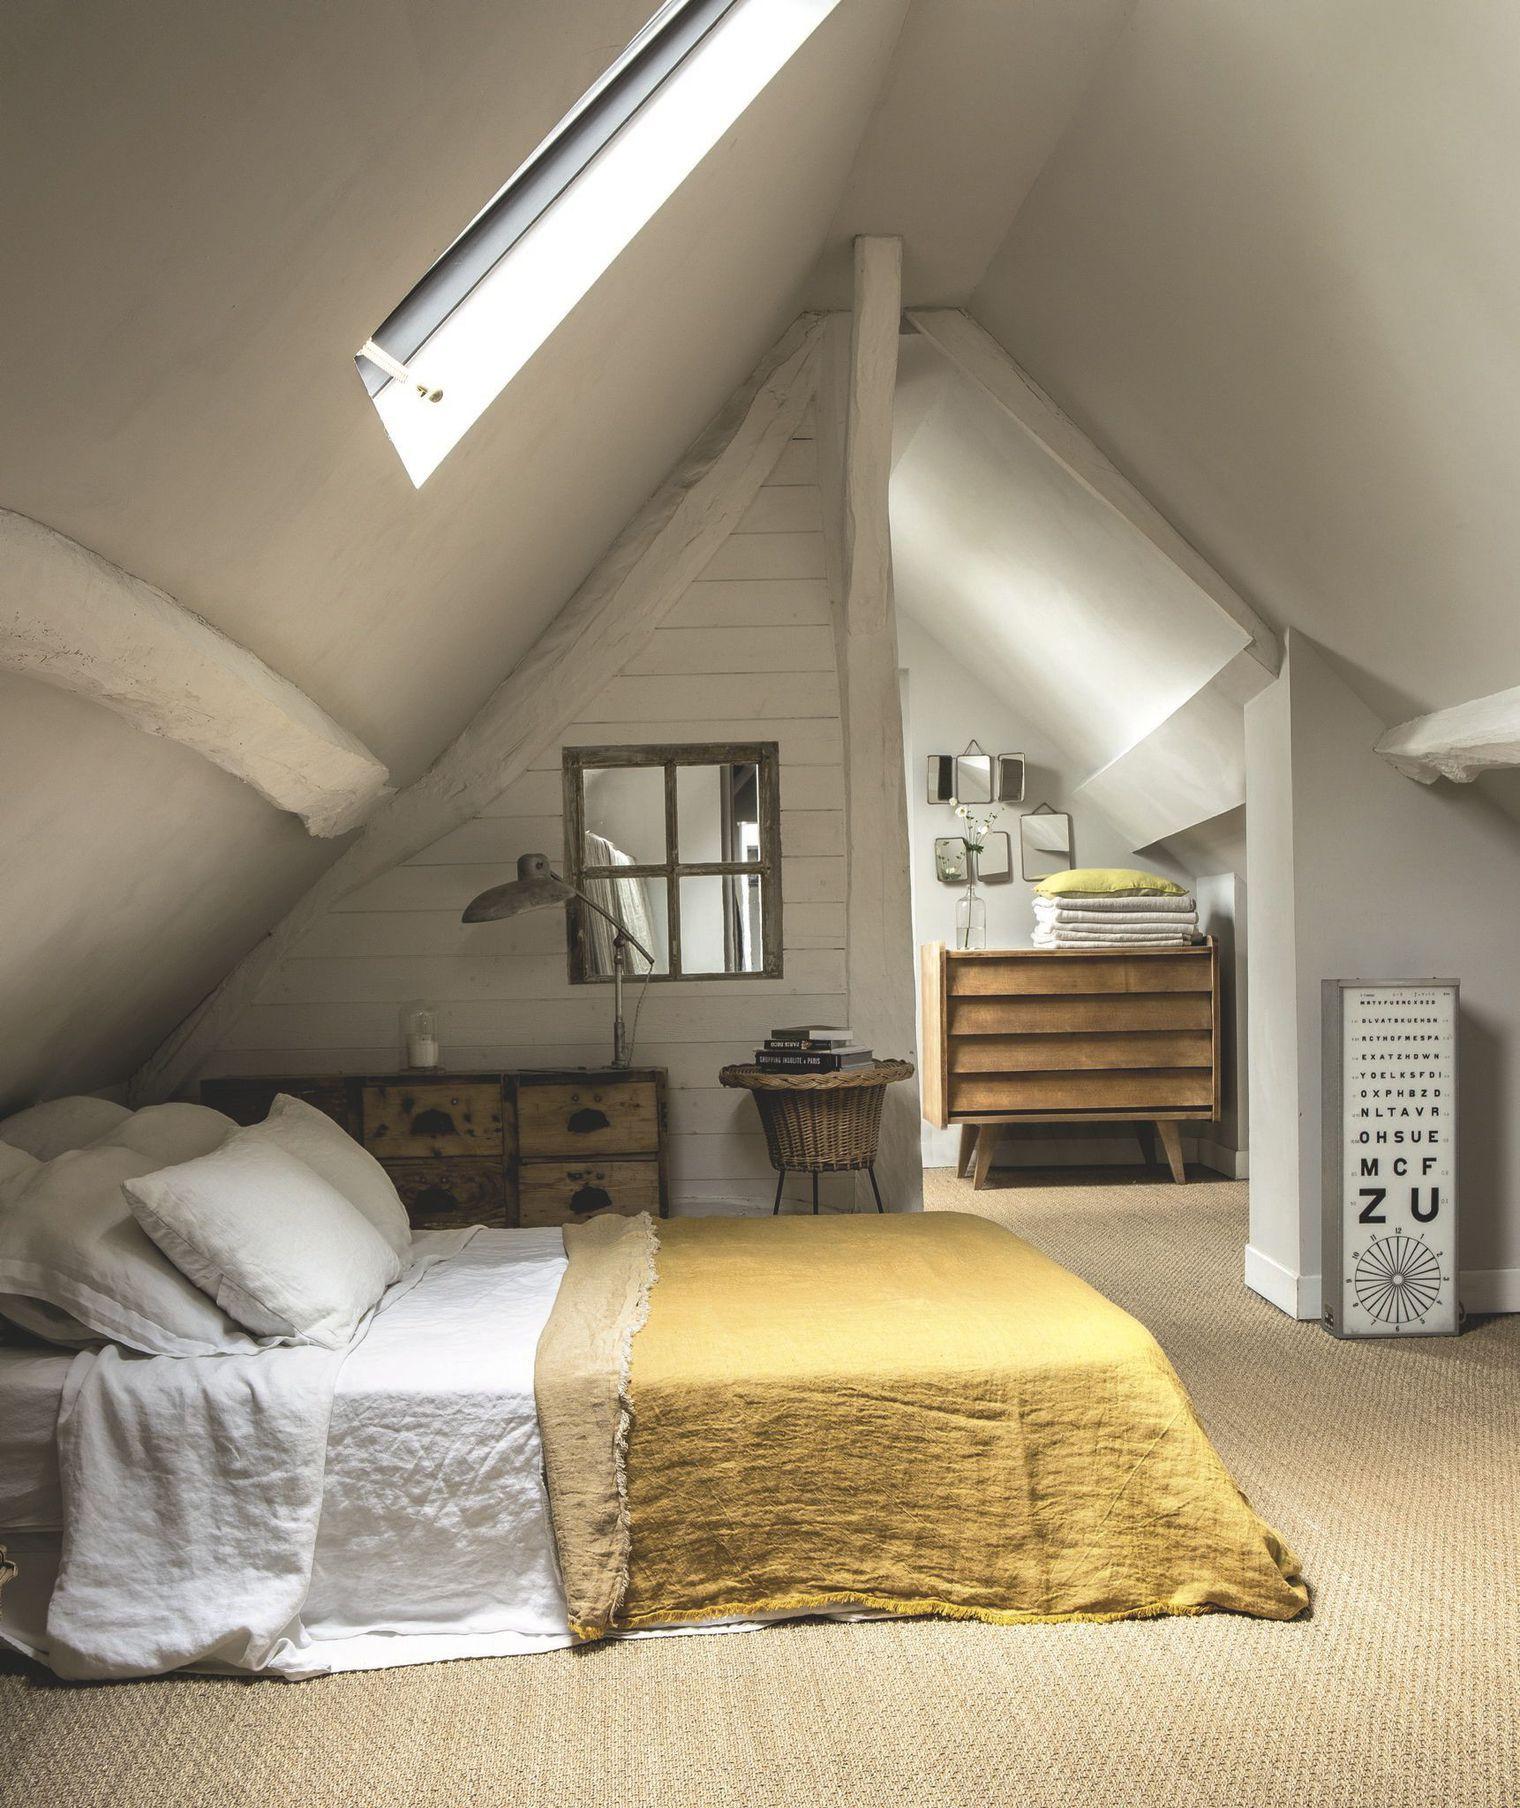 maison brocante en normandie   attic bedroom   pinterest   maison